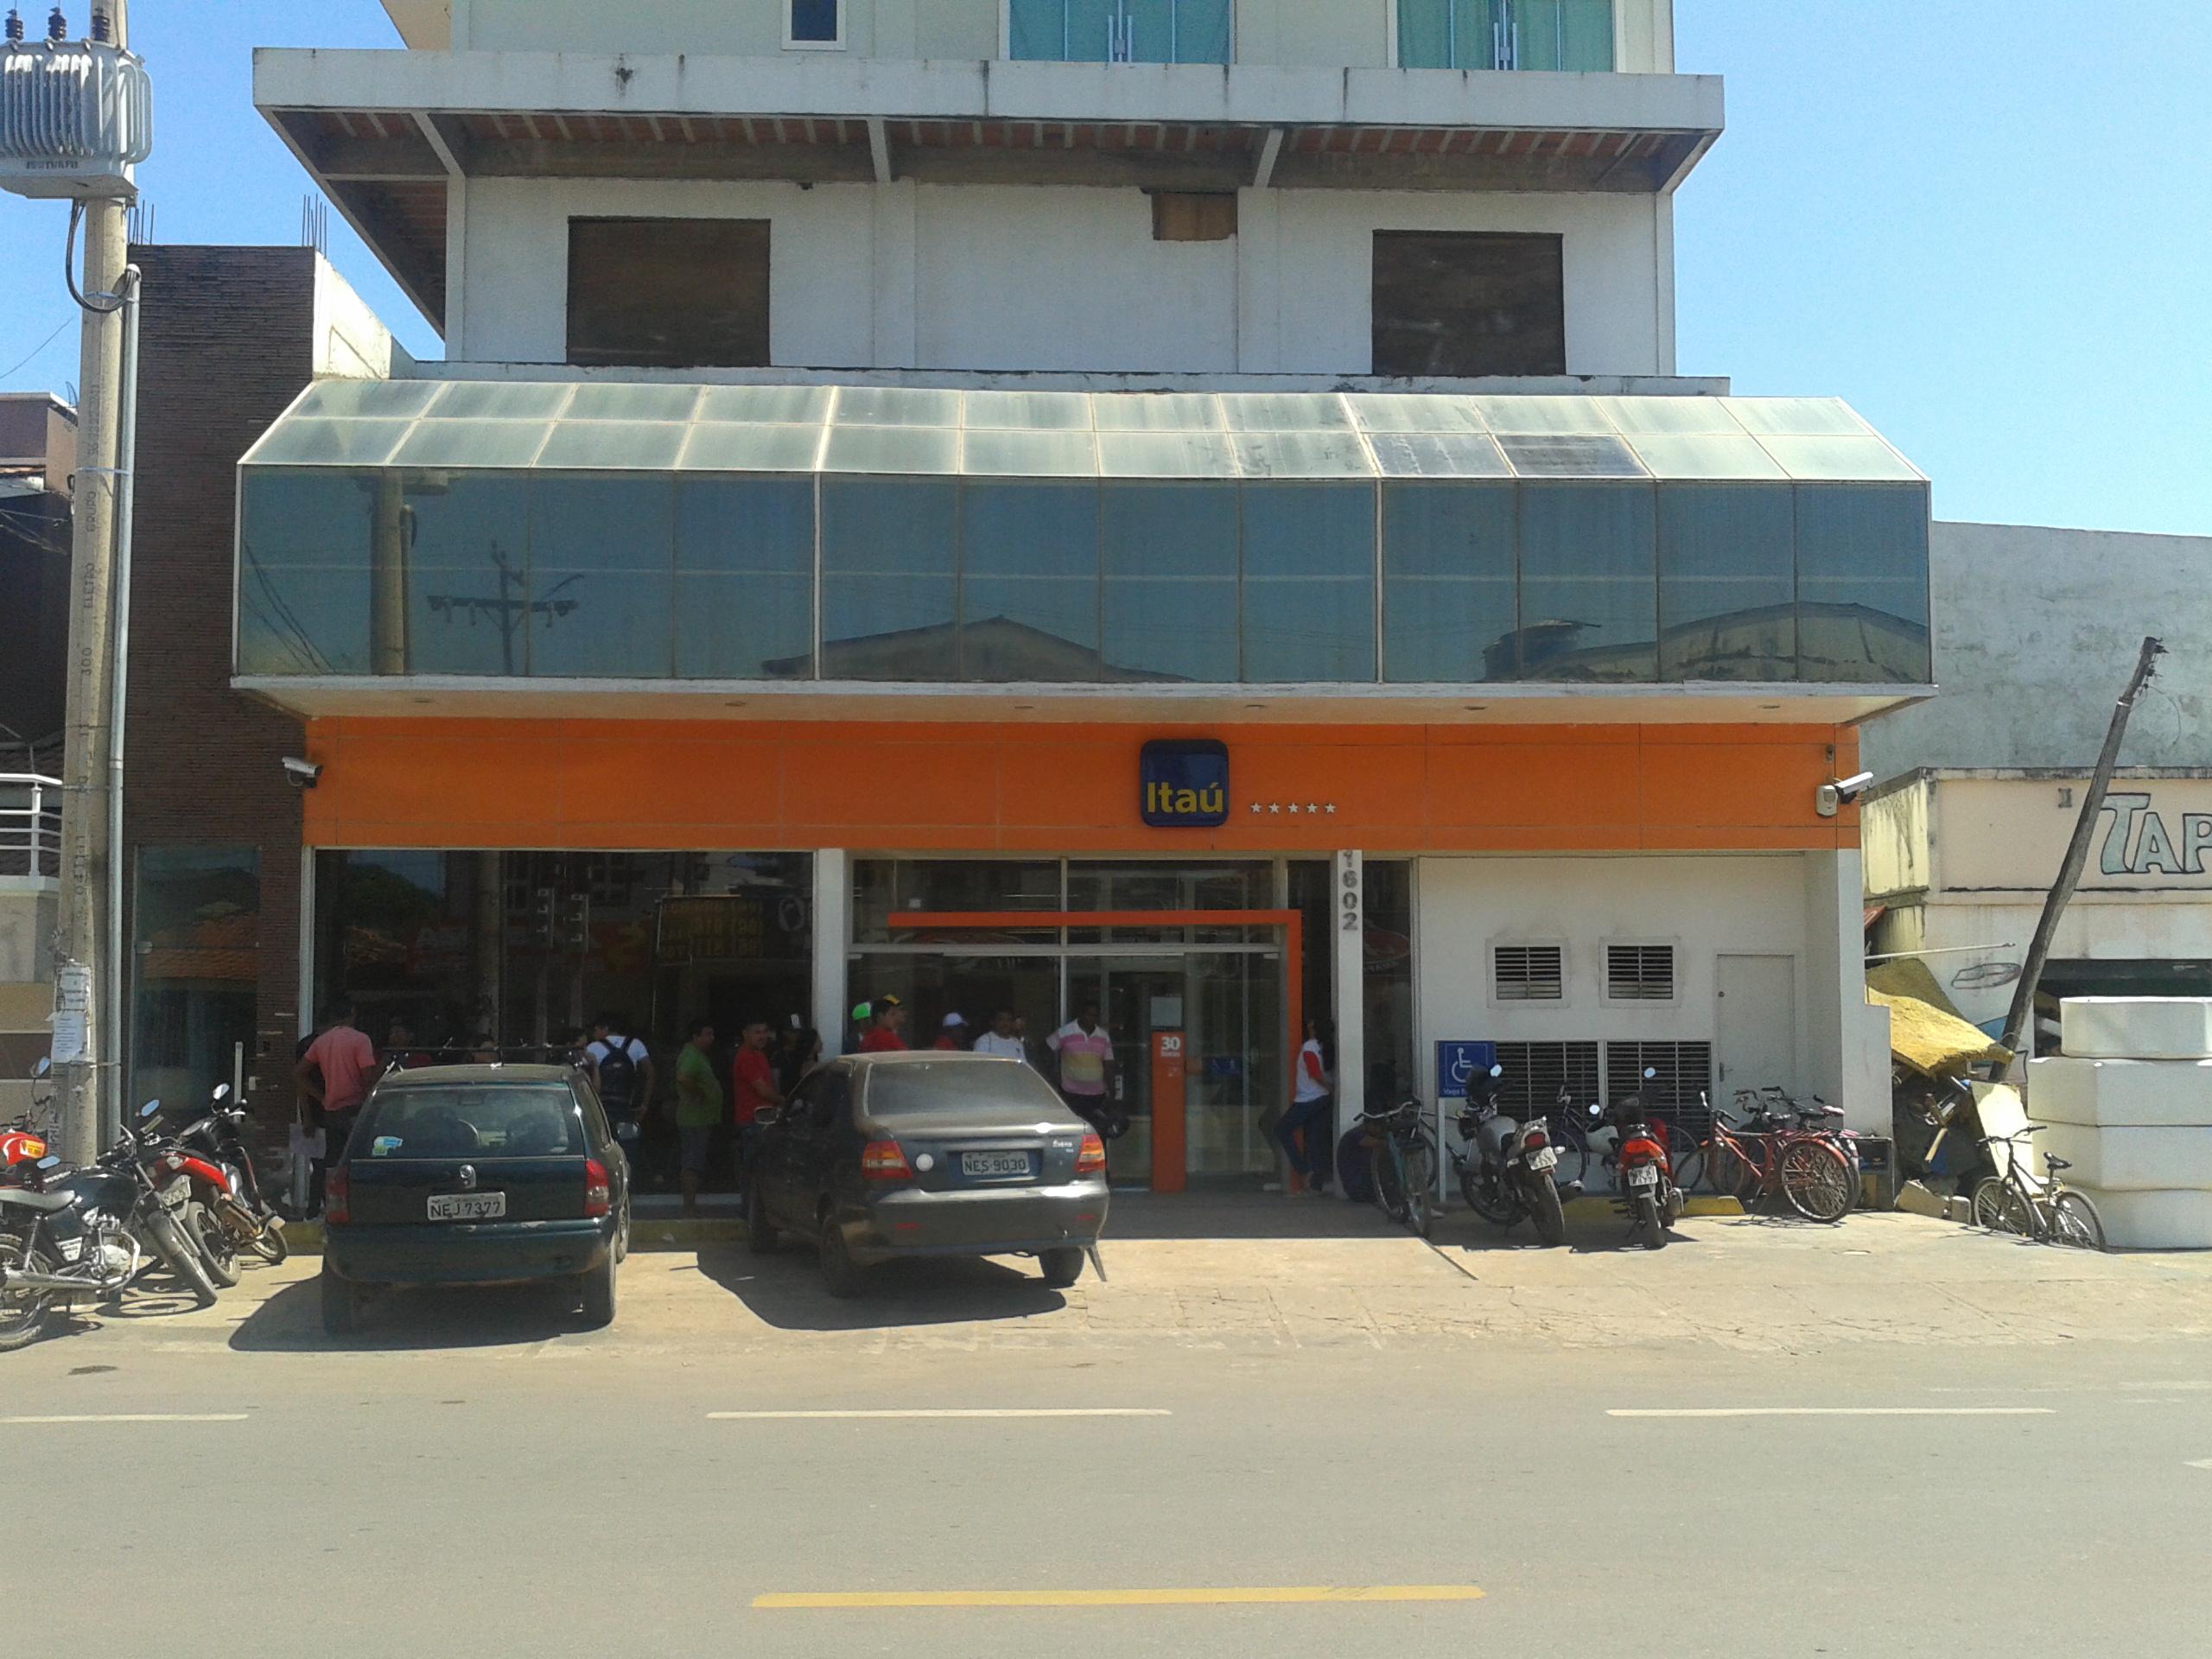 Bandidos levam cofres do Banco Itaú